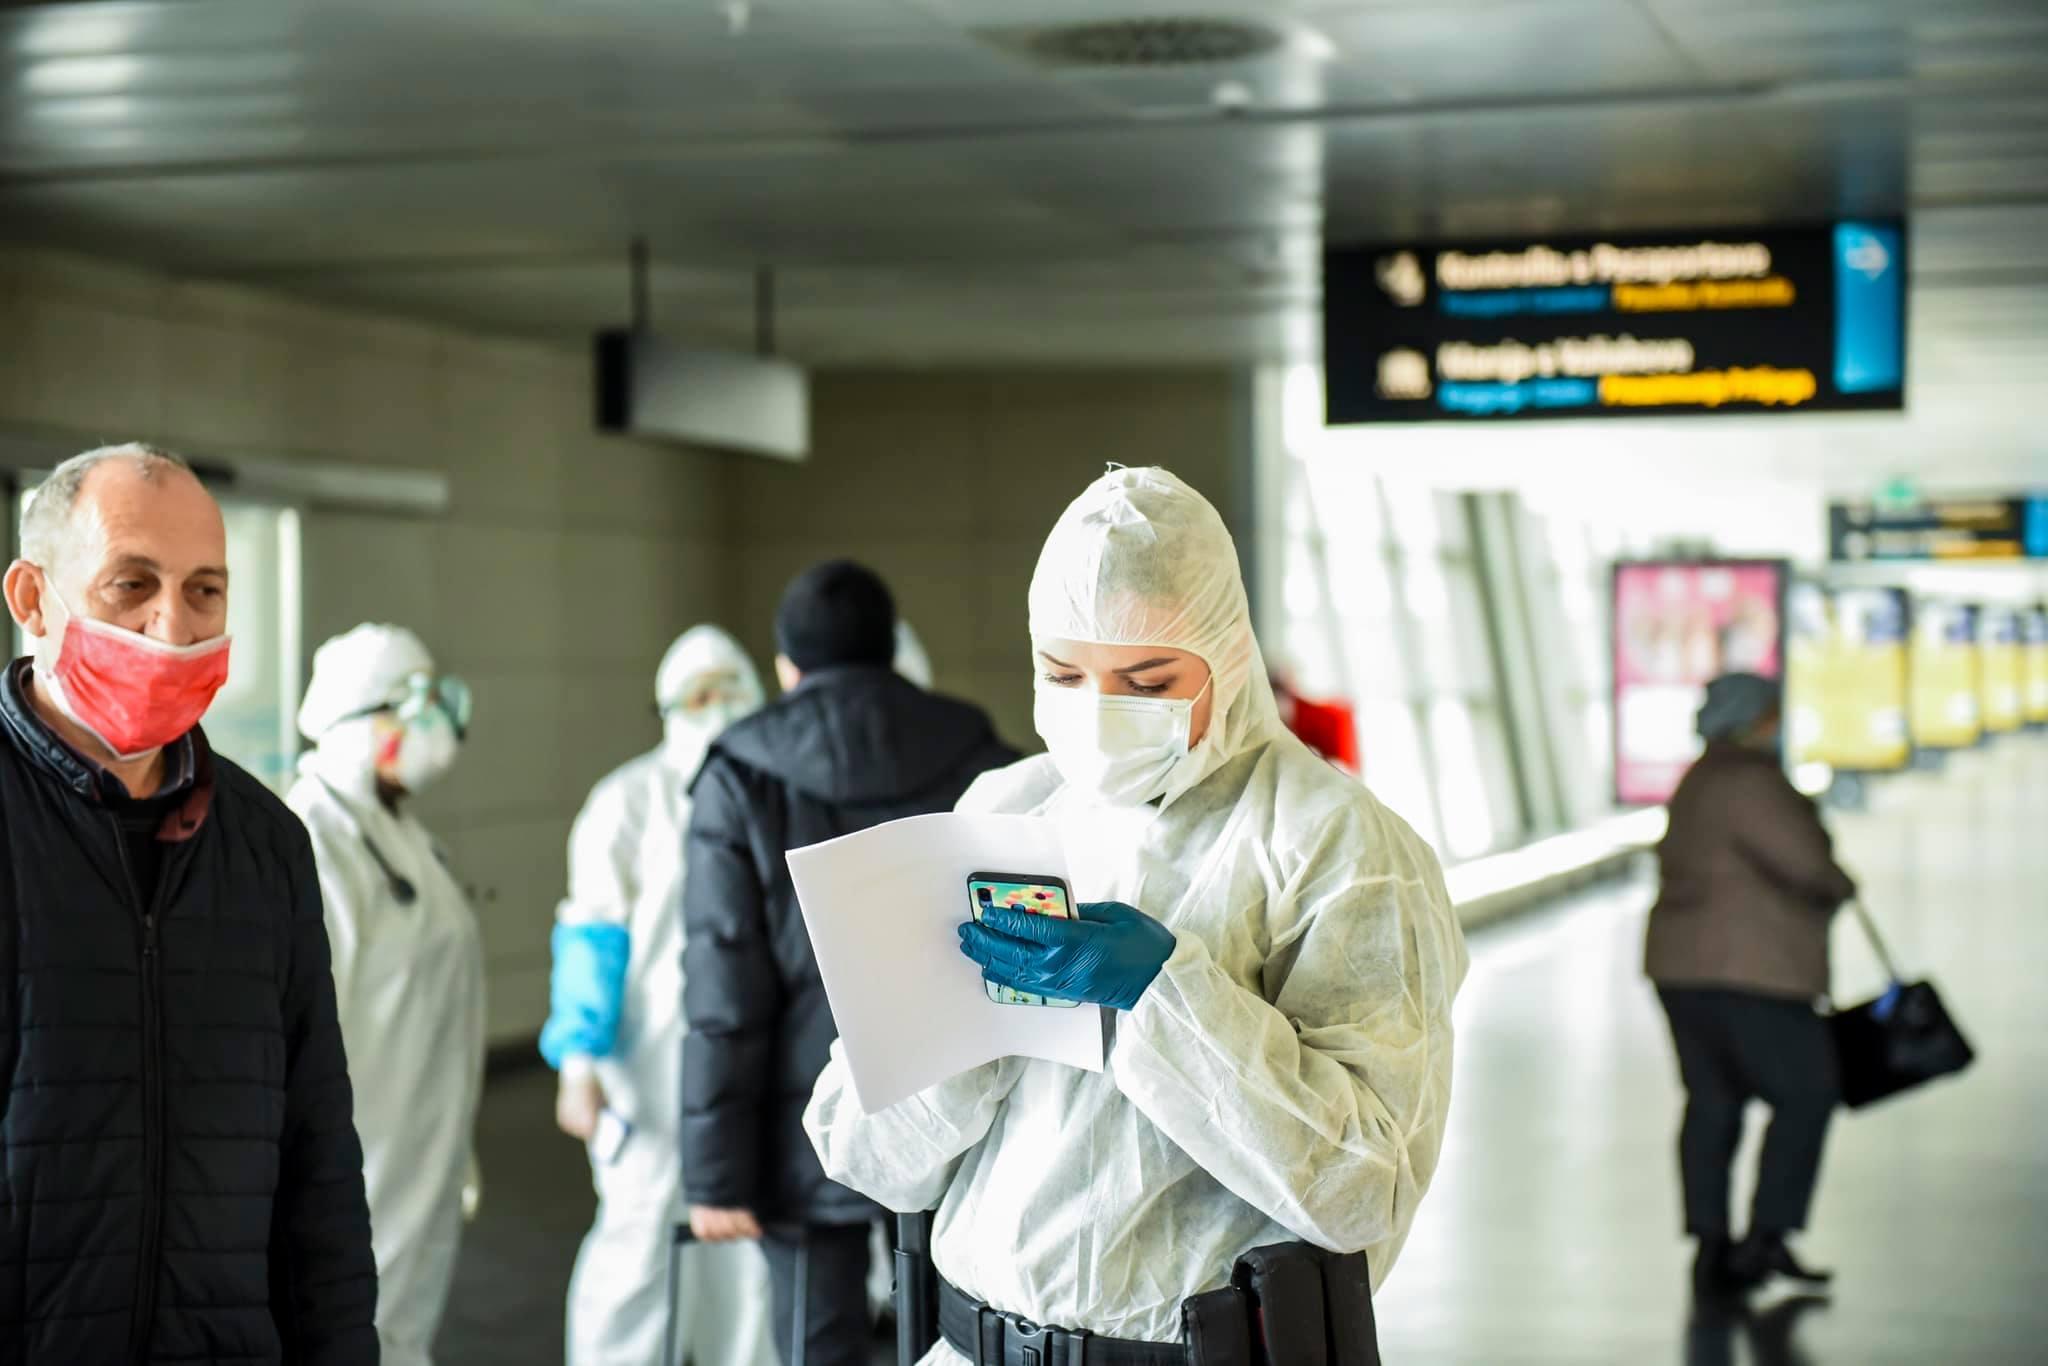 Të infektuarit me Covid-19 në valën e dytë në Kinë po shërohen më ngadalë